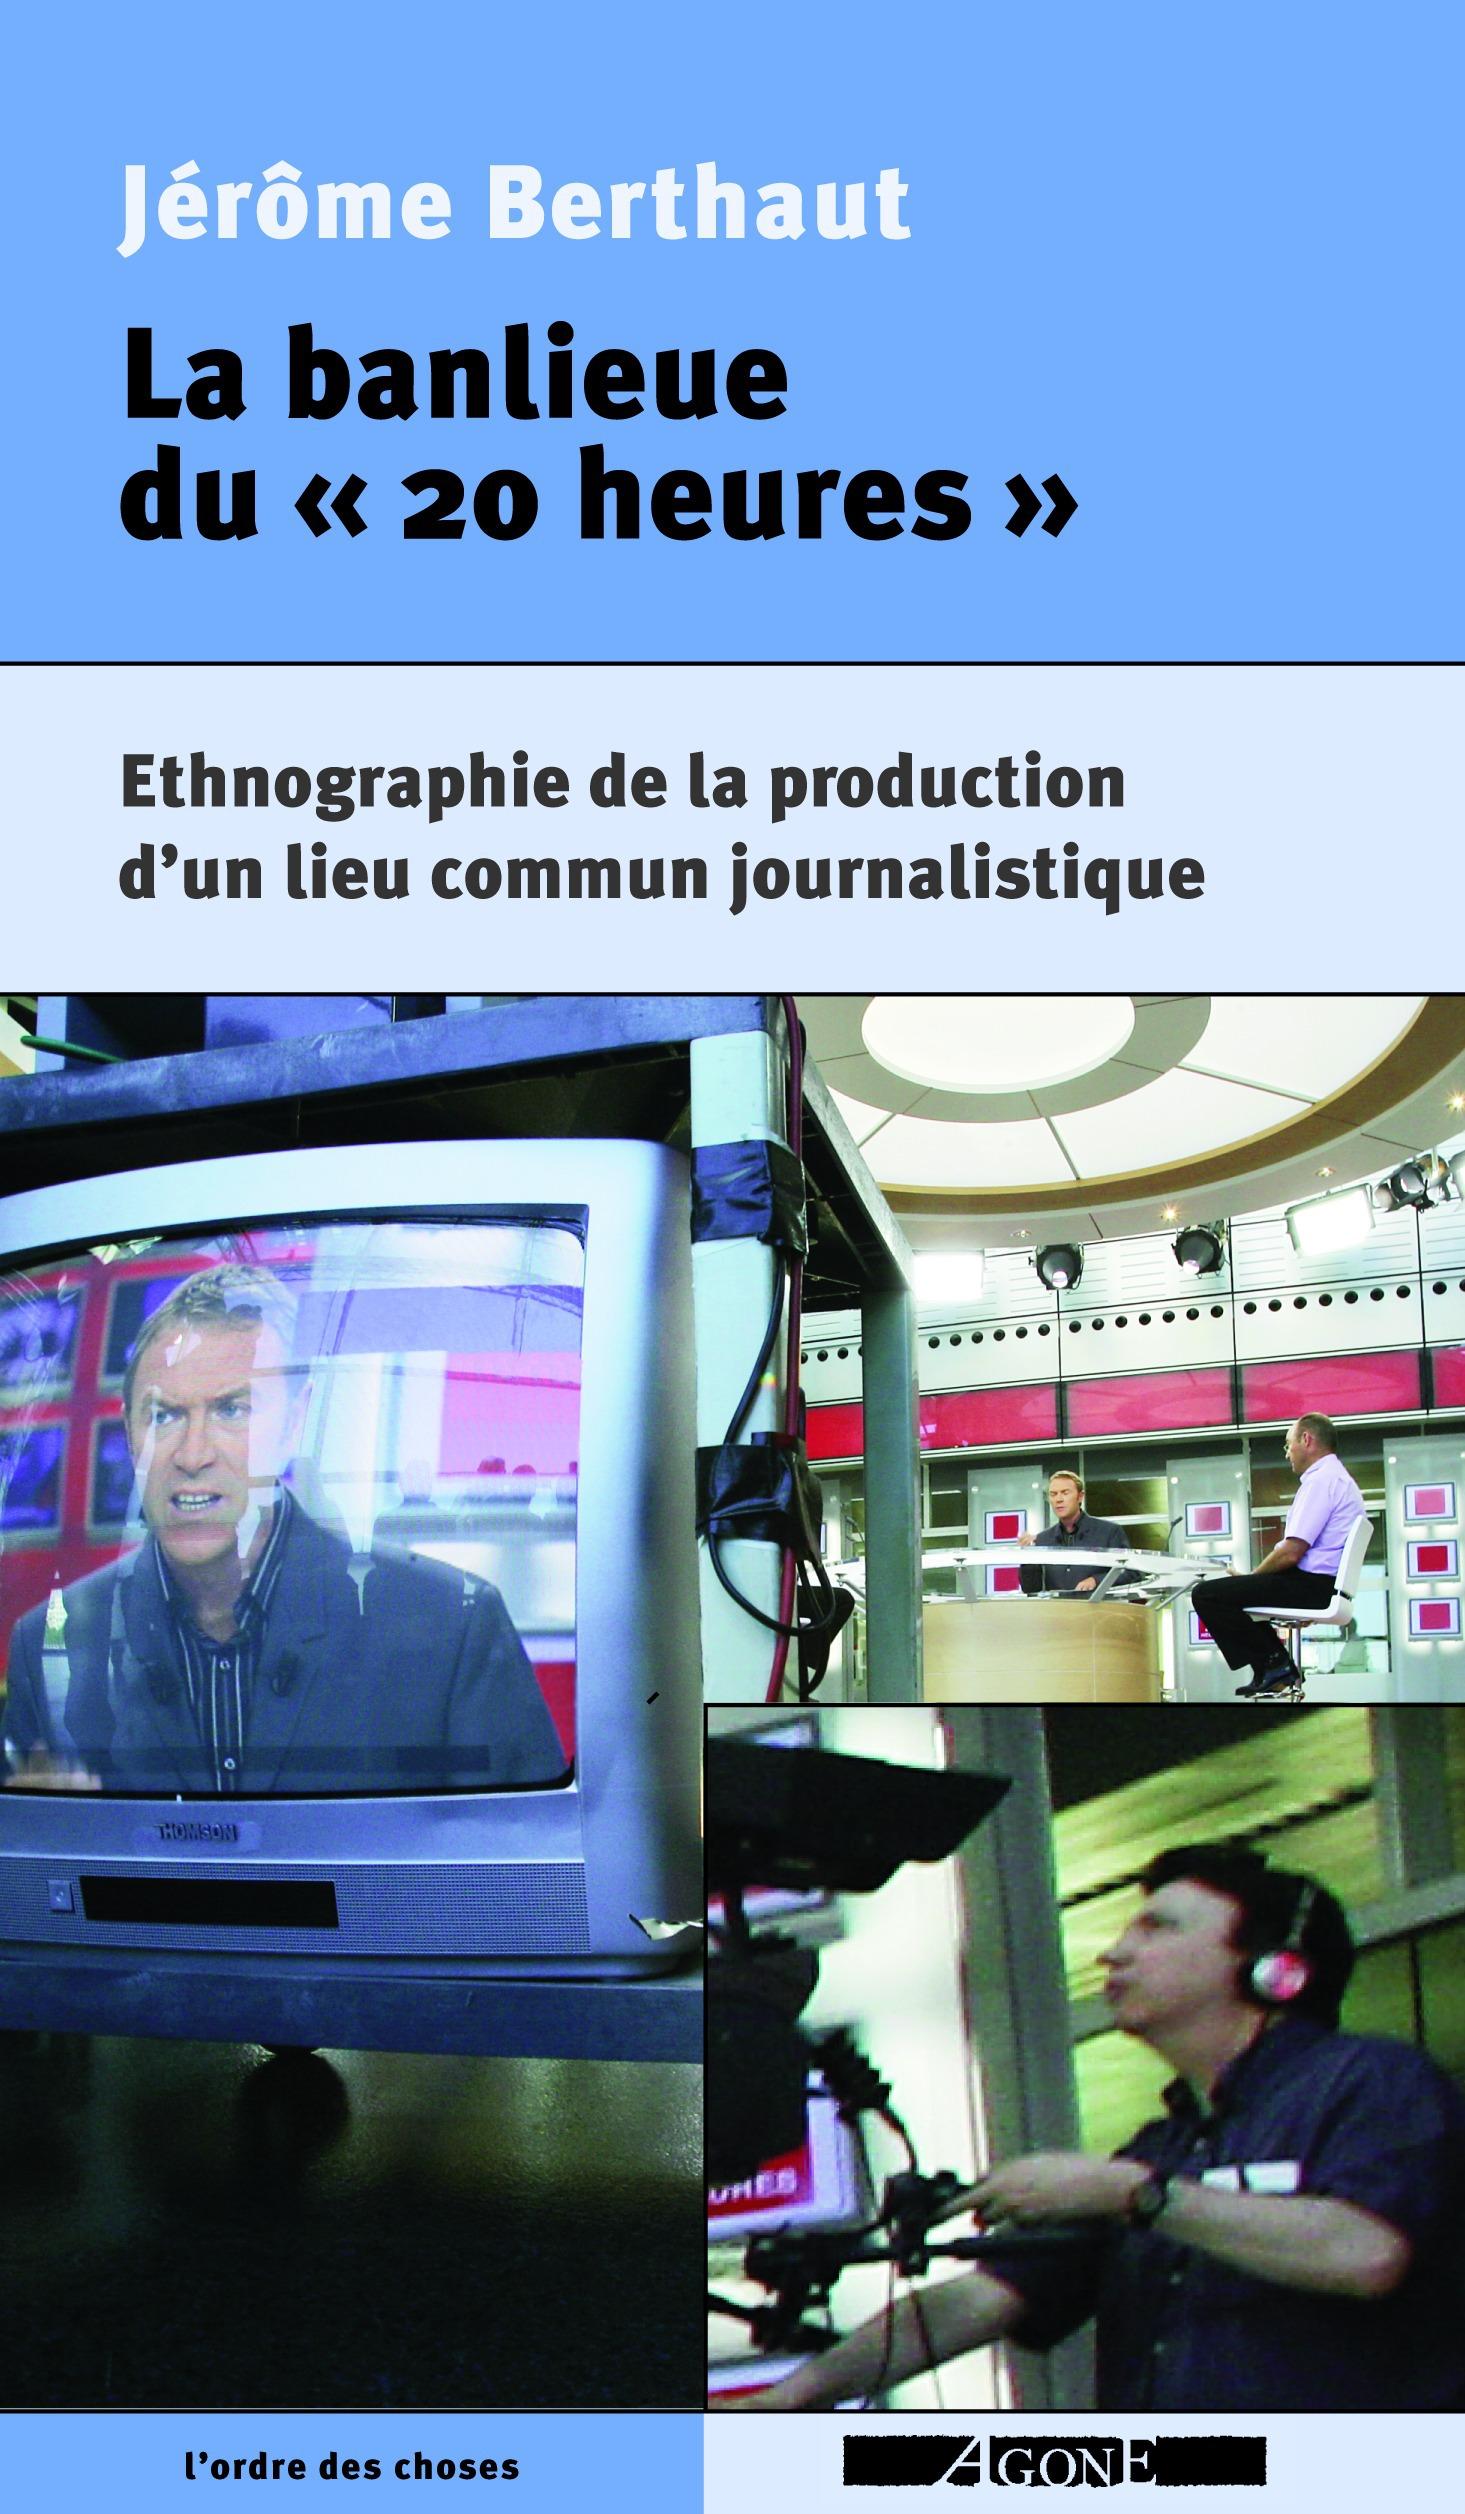 La banlieue du  20 heures  - ethnographie de la production d'un lieu commun journalistique